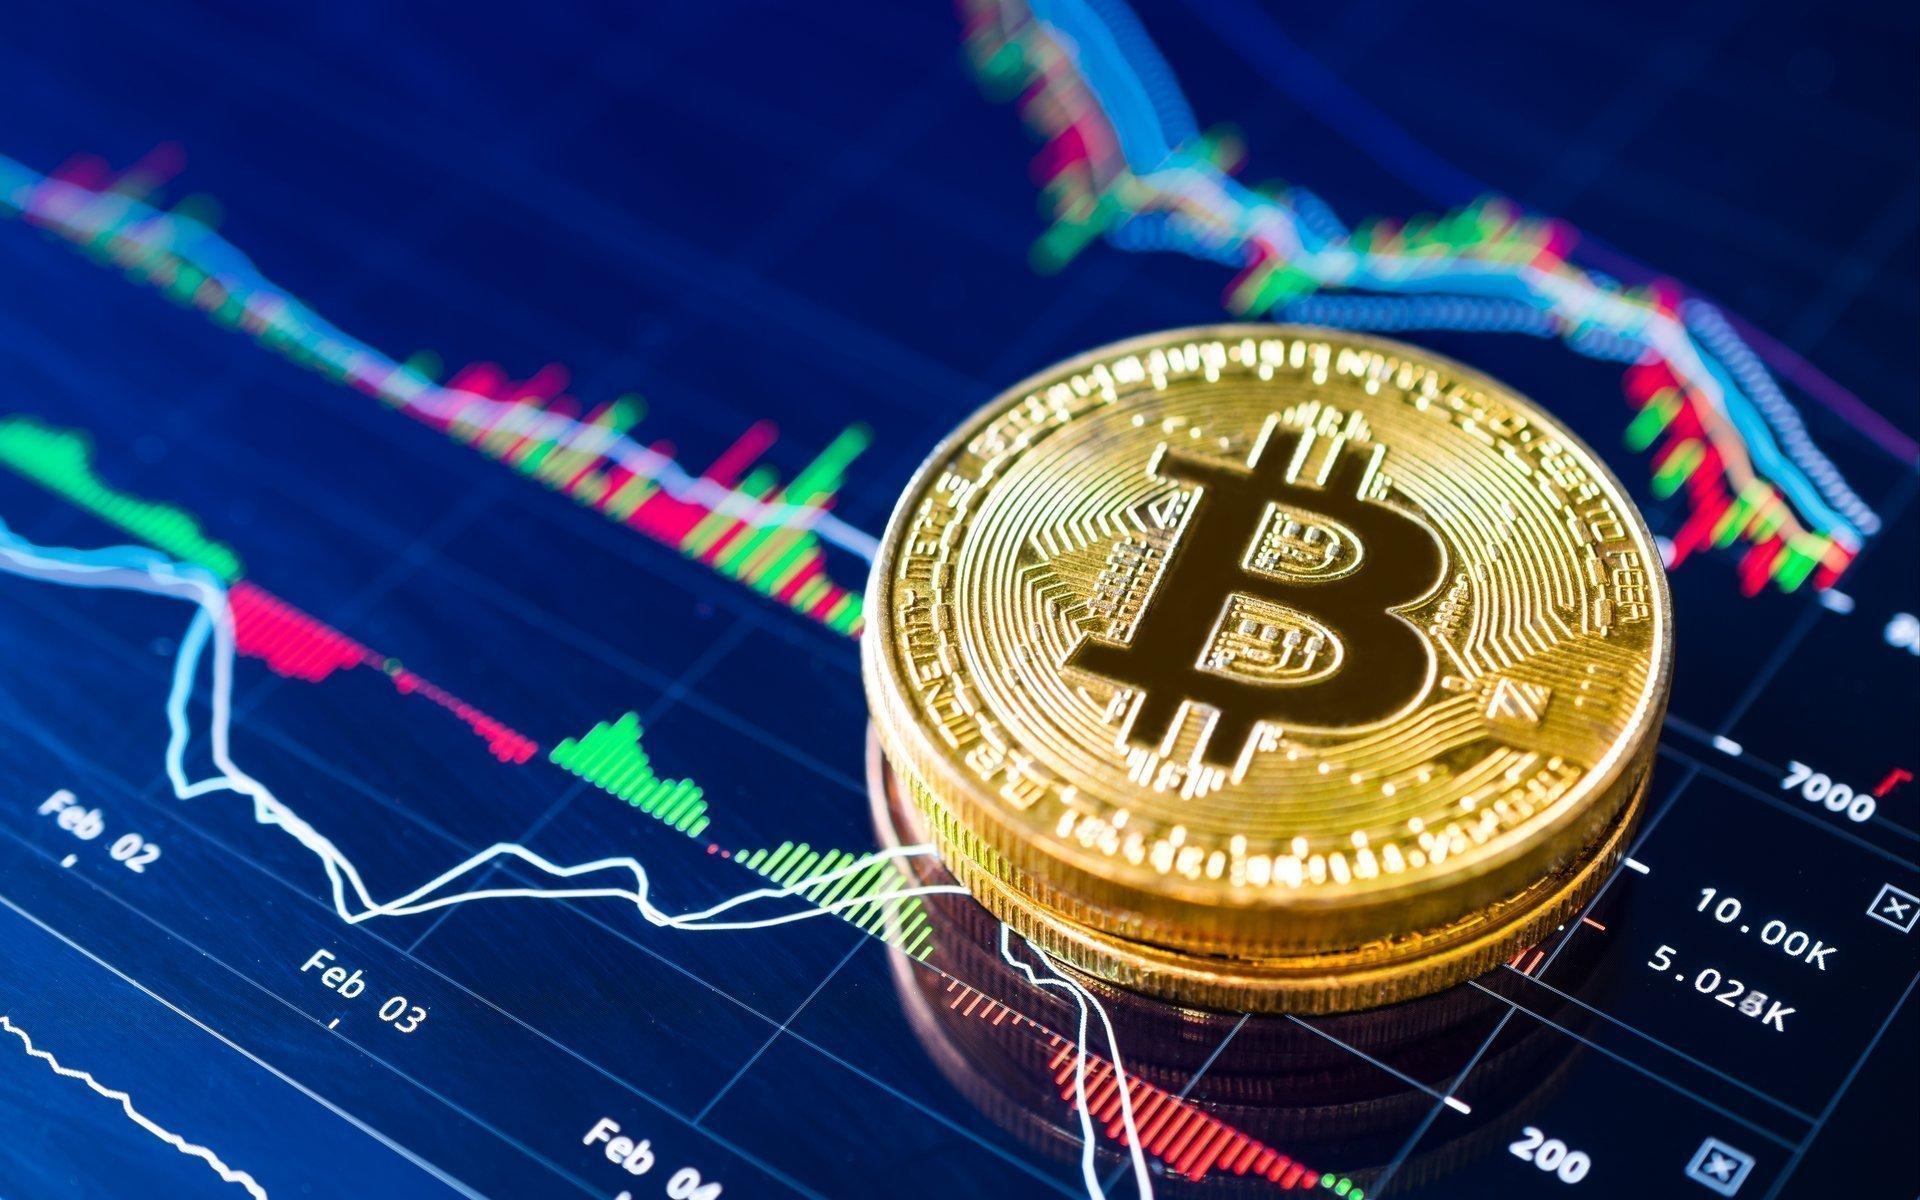 Bitcoin Still At The Top